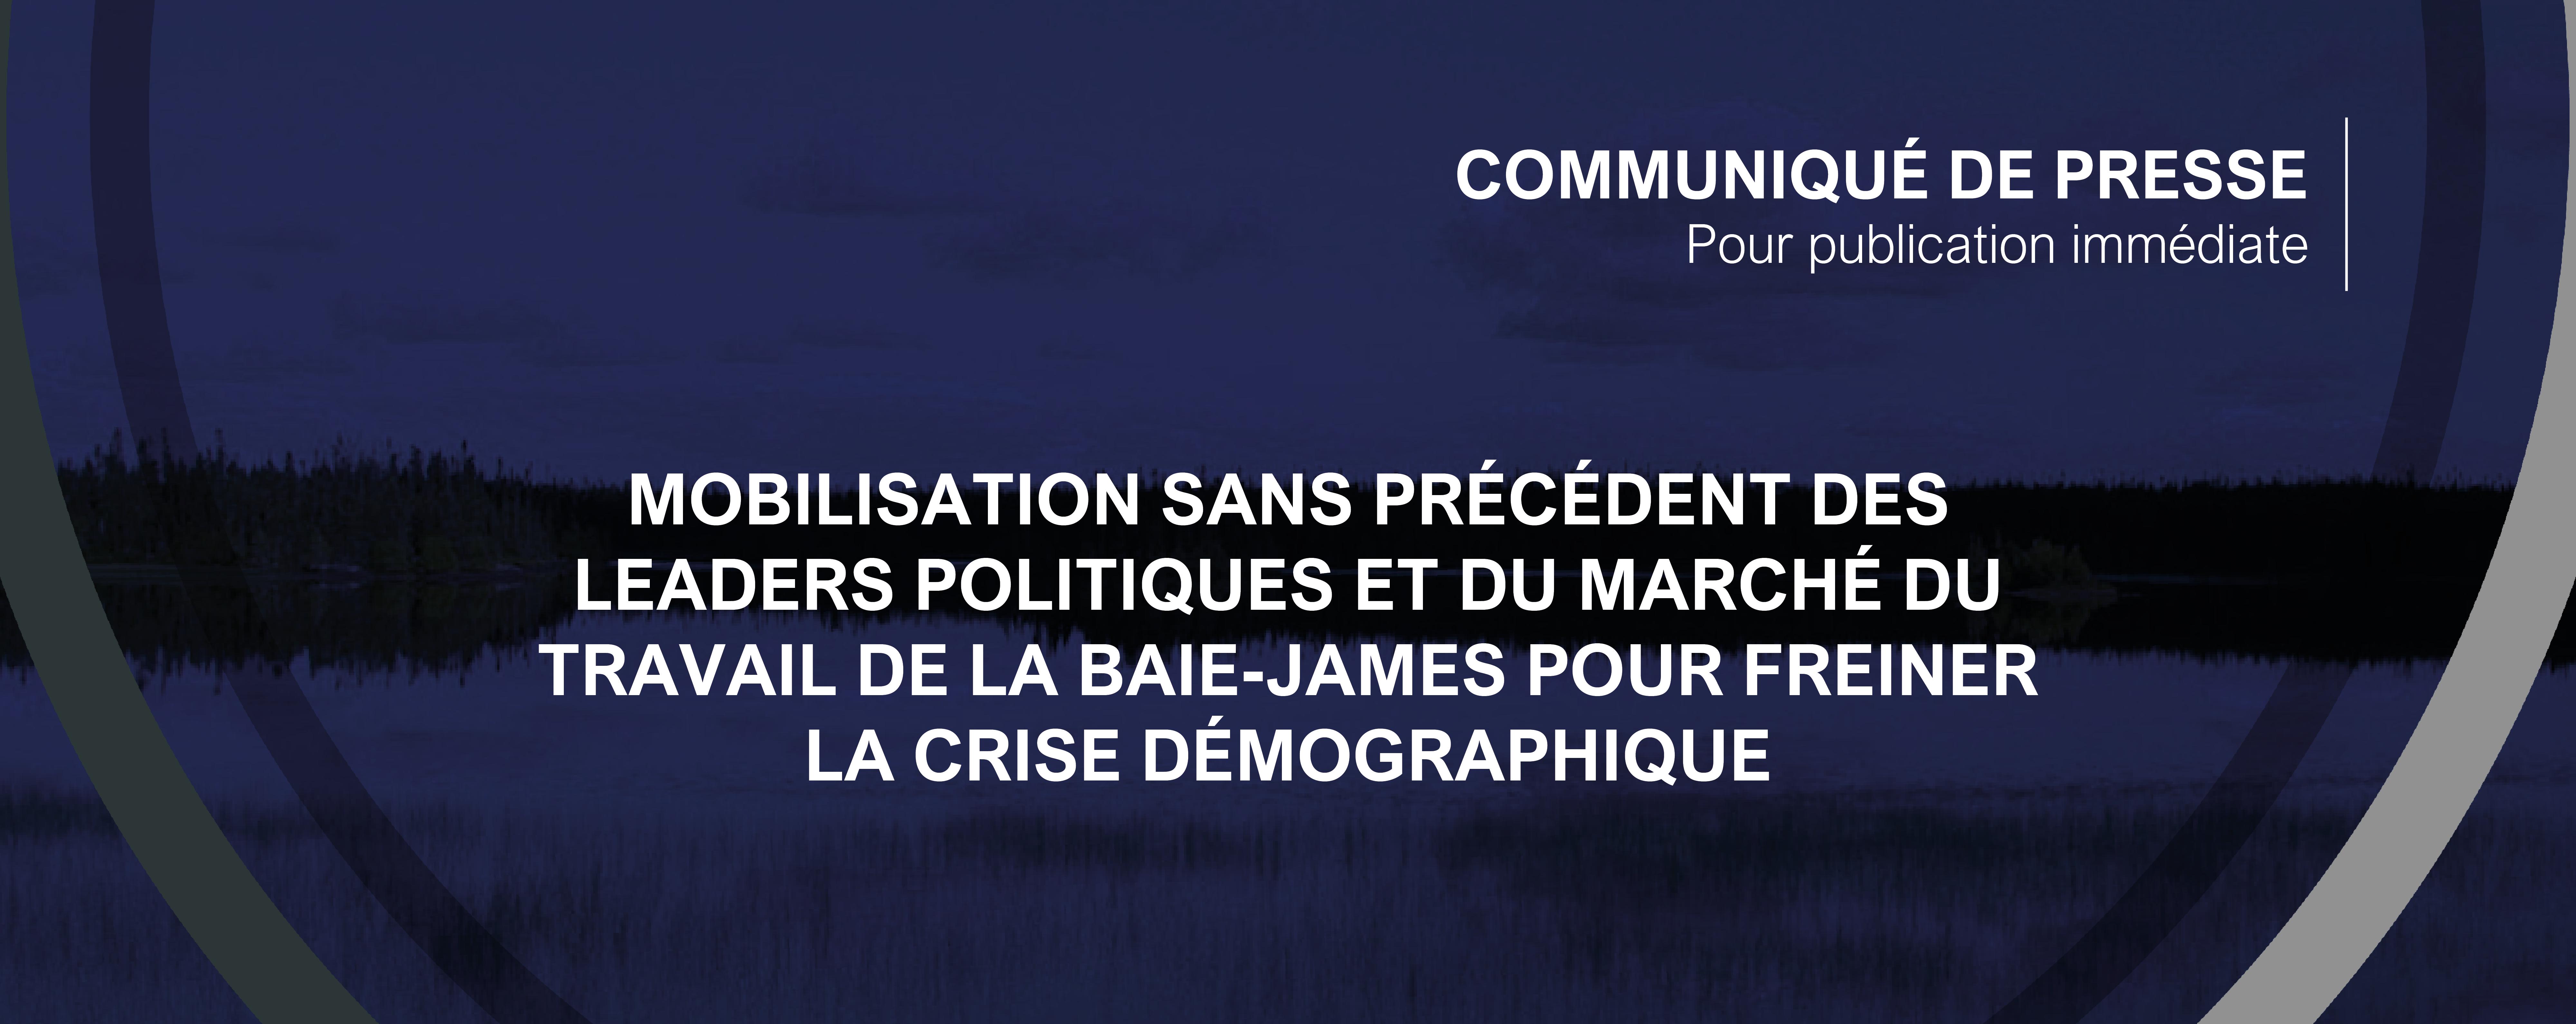 Mobilisation sans précédent des leaders politiques et du marché du travail de la Baie-James pour freiner la crise démographique